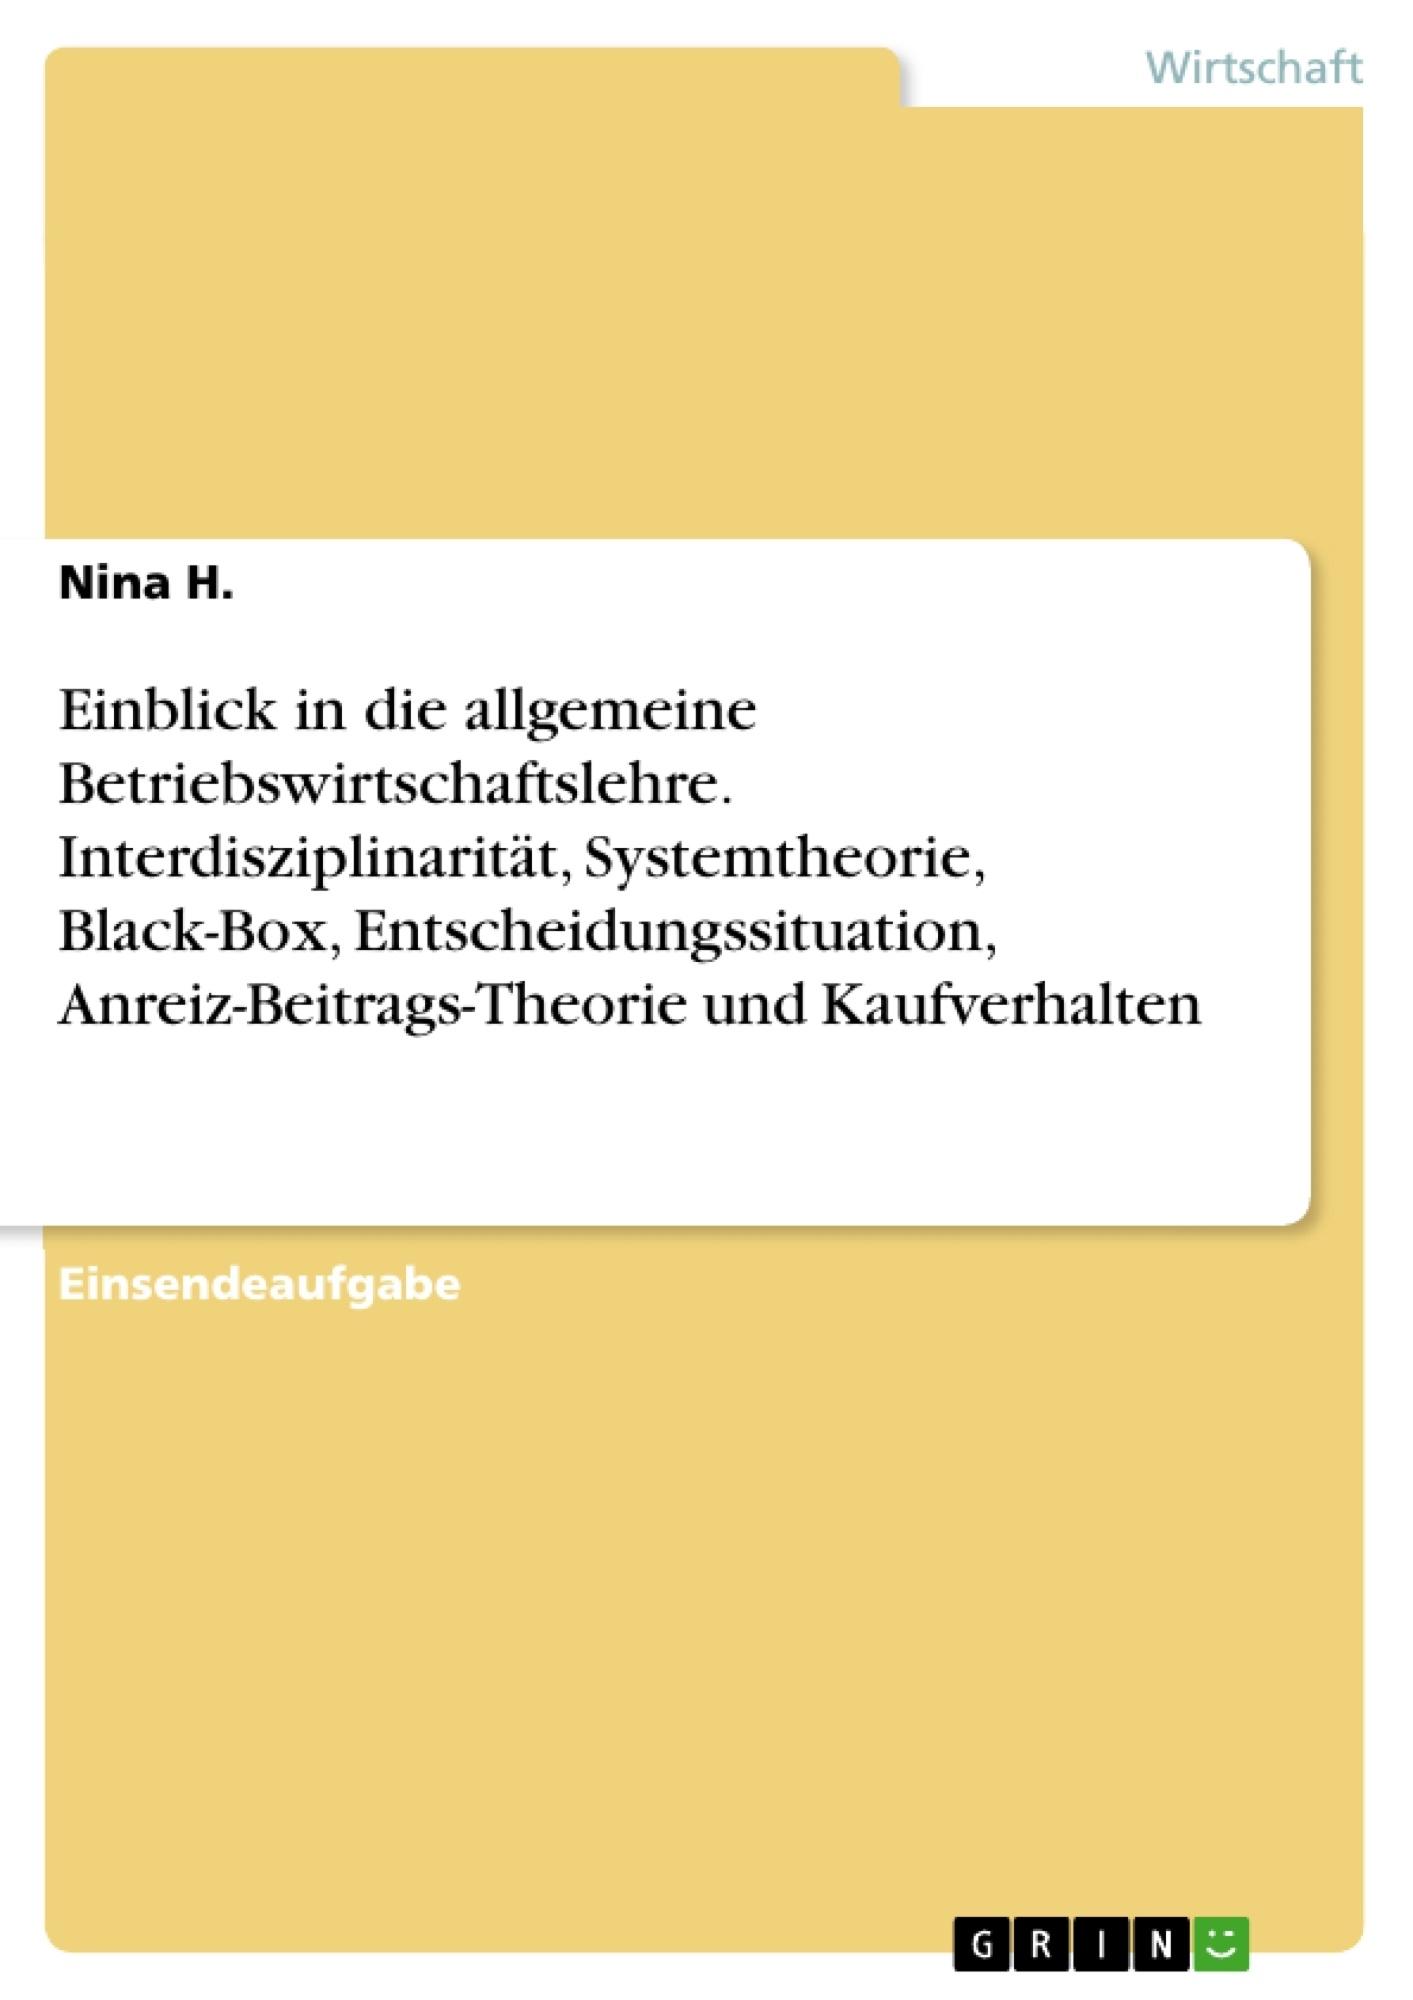 Titel: Einblick in die allgemeine Betriebswirtschaftslehre. Interdisziplinarität, Systemtheorie, Black-Box, Entscheidungssituation, Anreiz-Beitrags-Theorie und Kaufverhalten